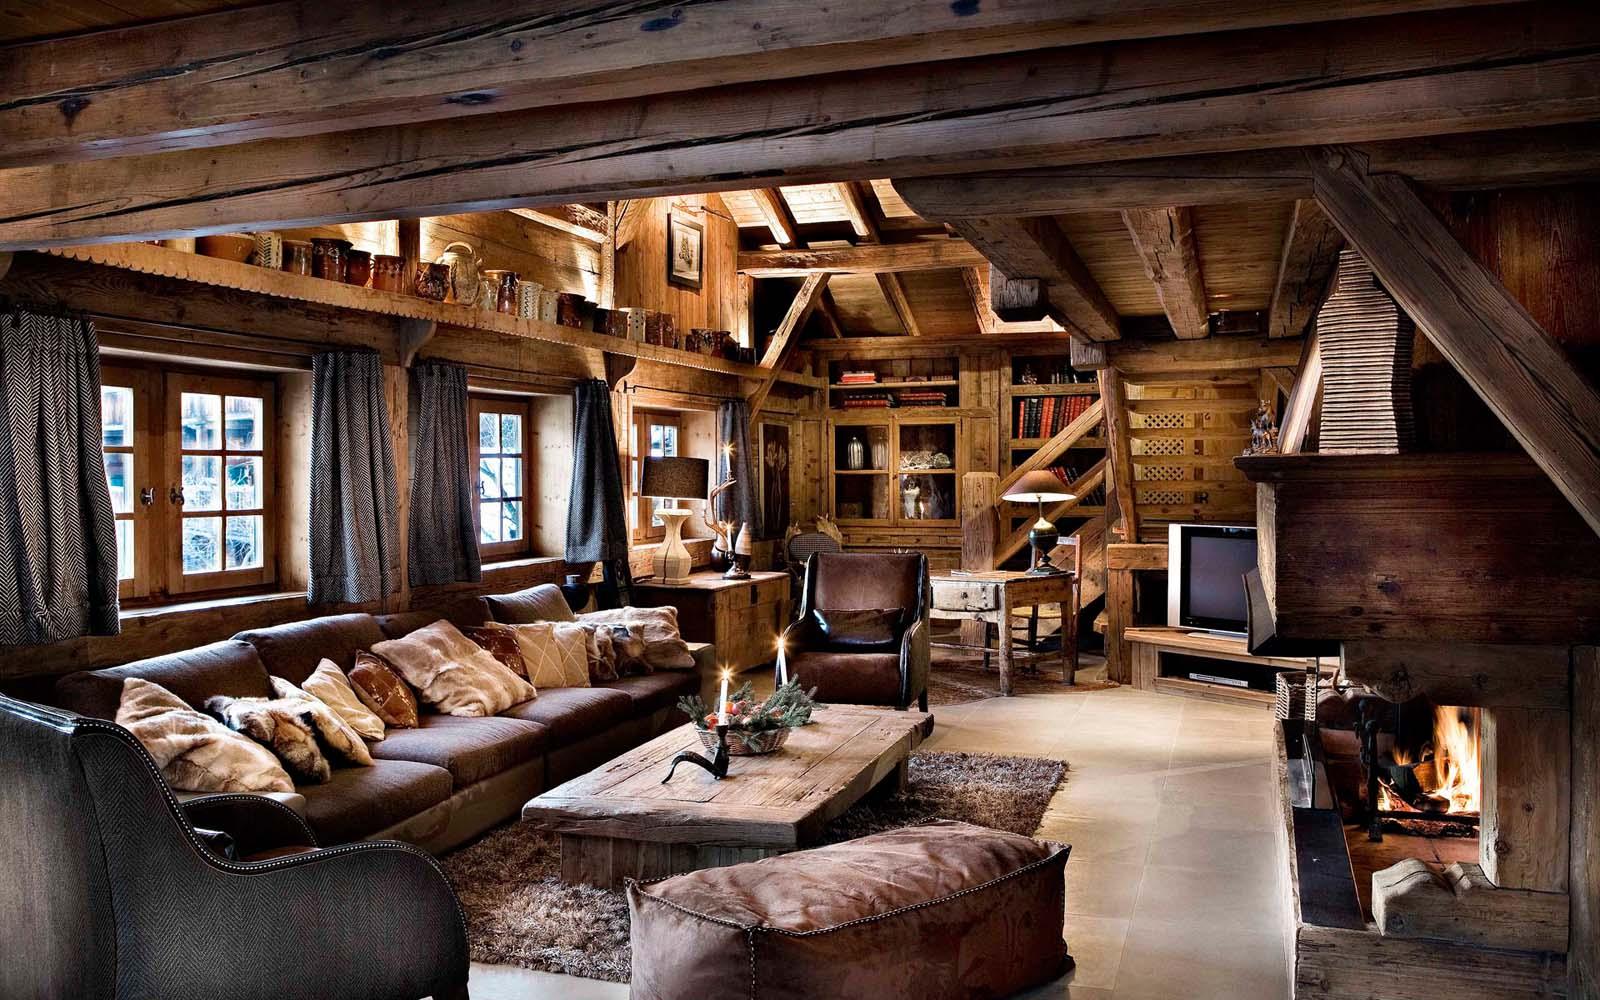 Chalet ferme de marie in megeve by skiboutique - Chalet de luxe megeve ...